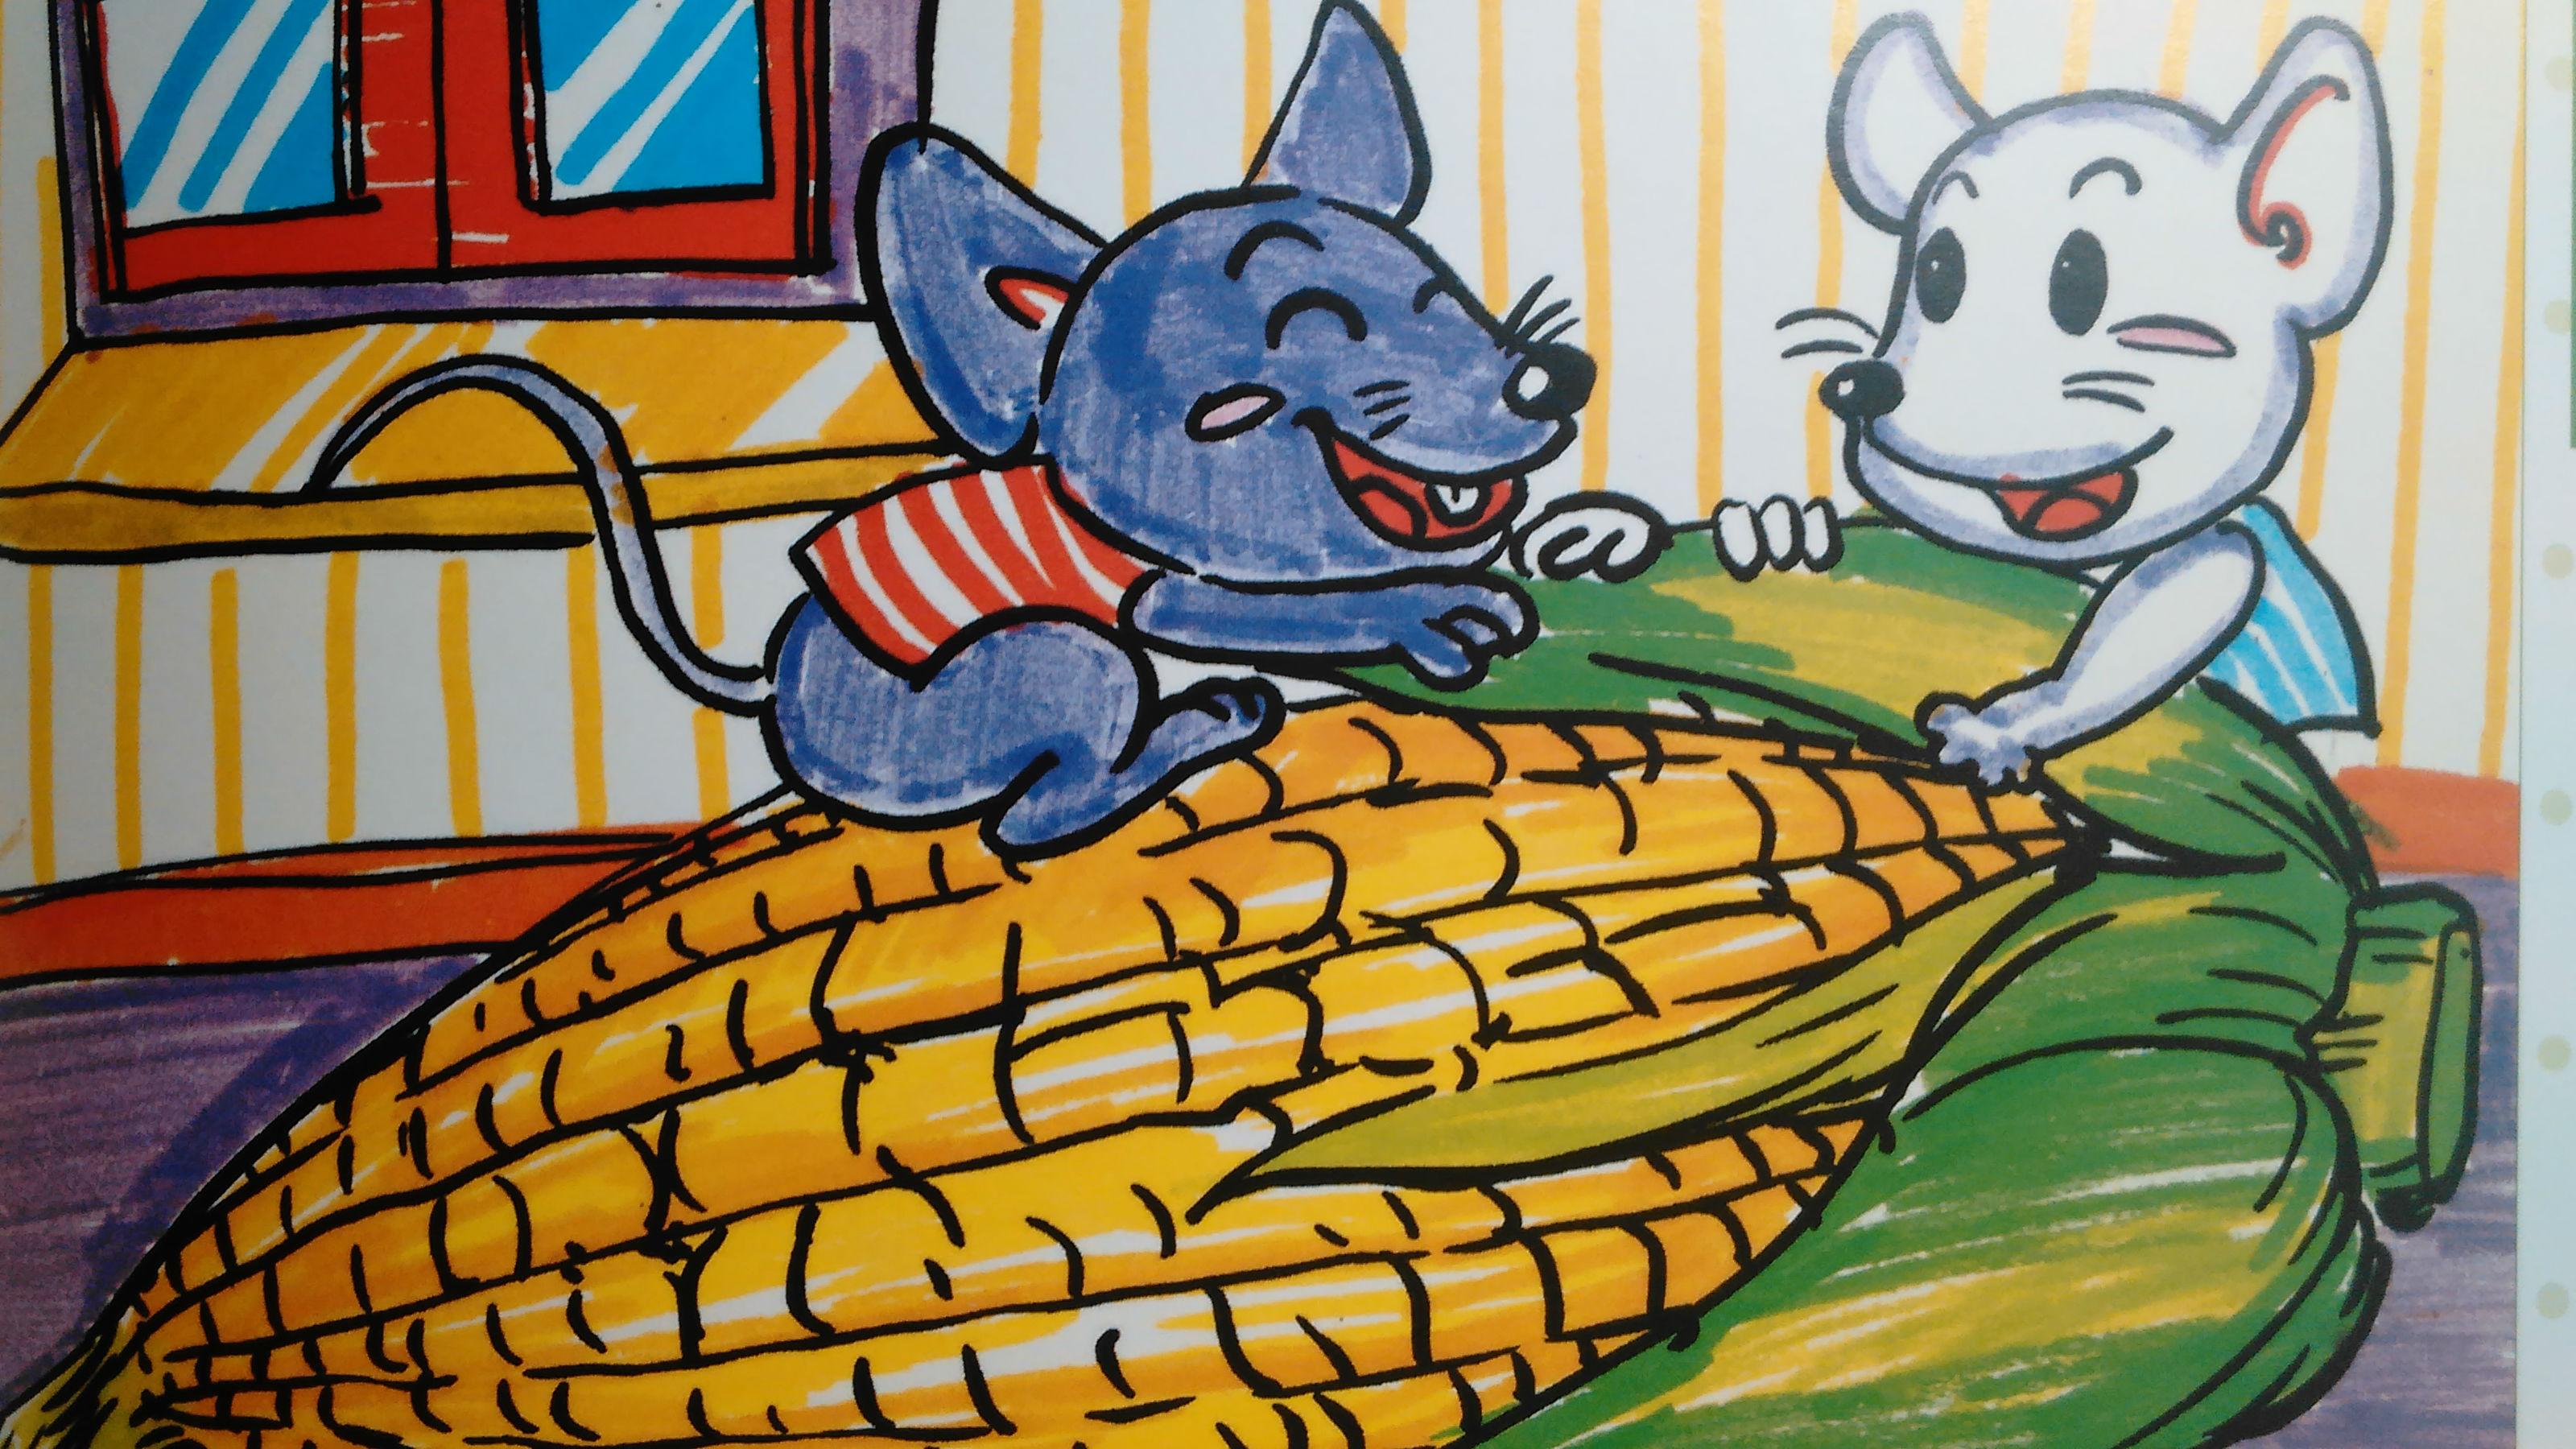 动漫 儿童画 卡通 漫画 头像 3200_1800图片